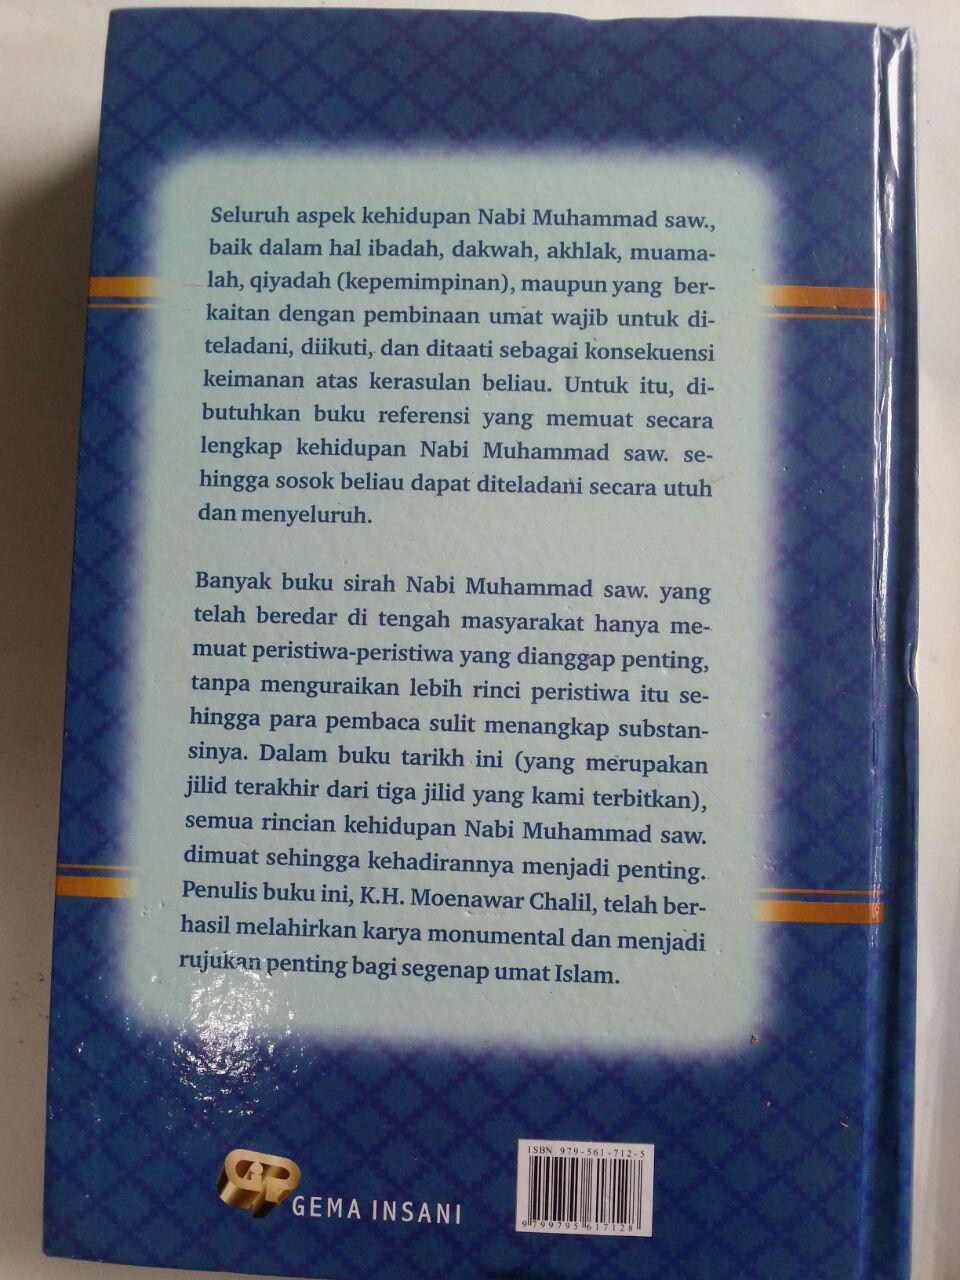 Buku Kelengkapan Tarikh Nabi Muhammad Set 3 Jilid cover 4